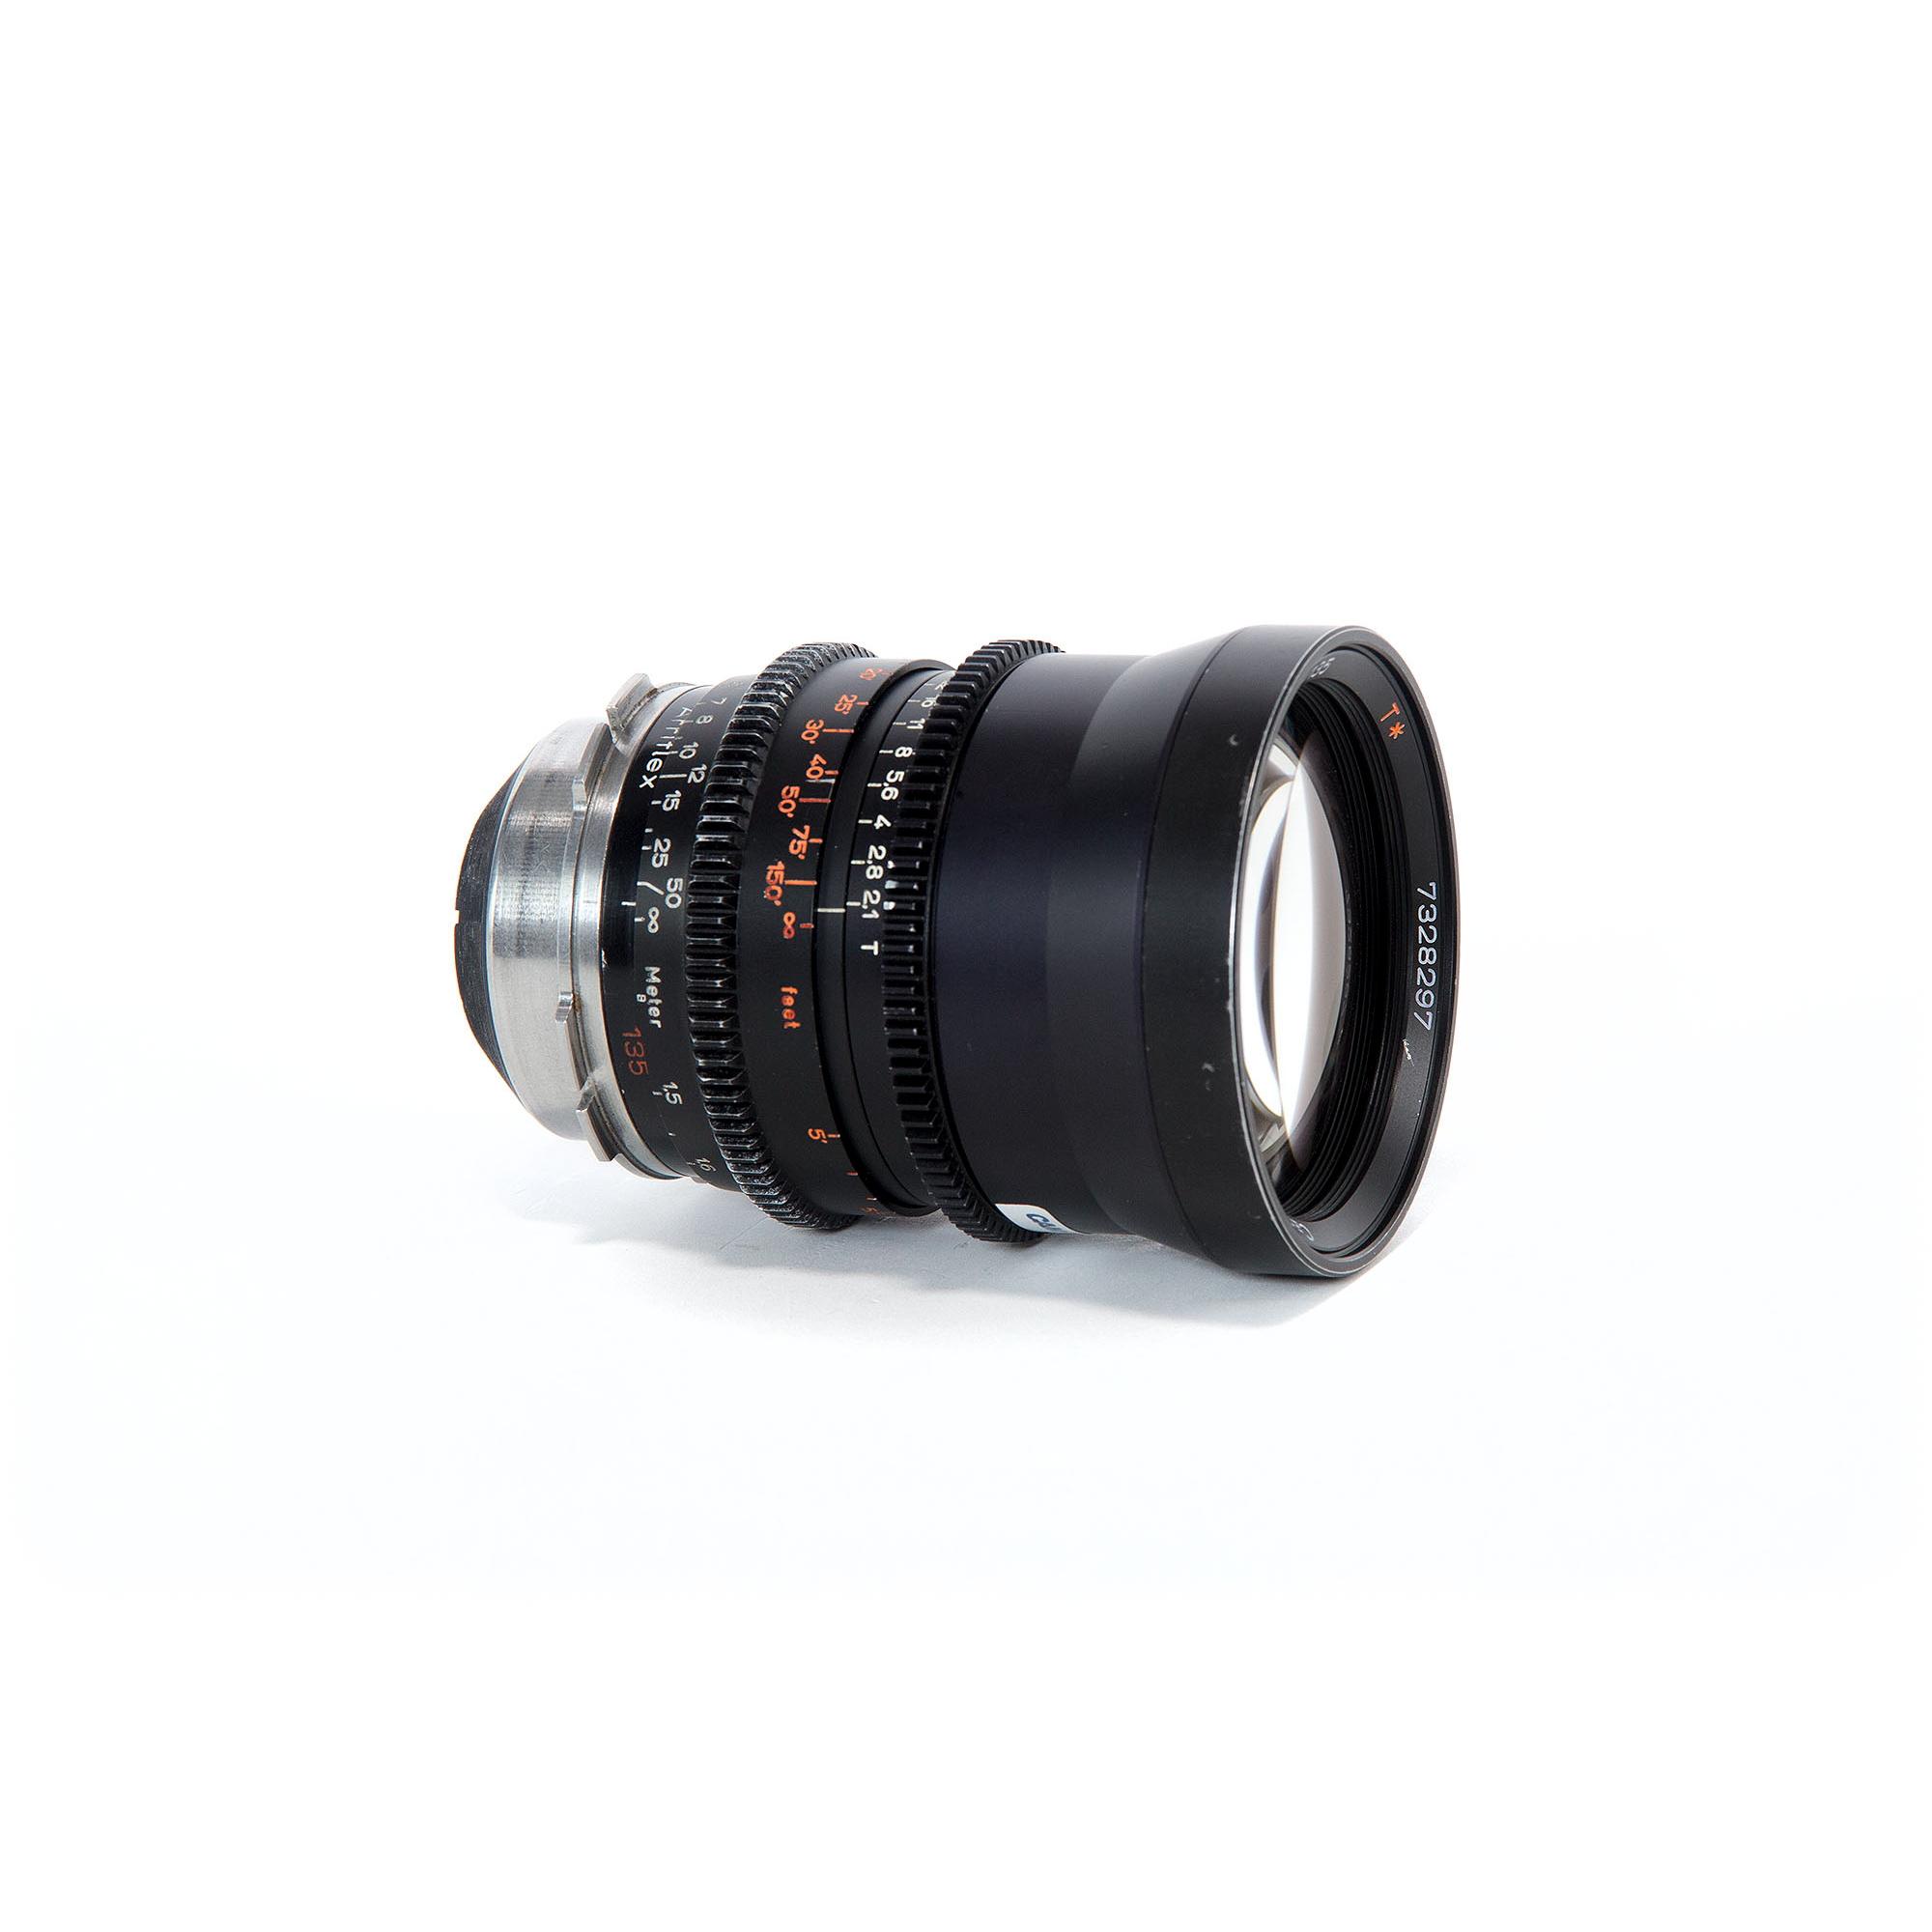 Zeiss 135mm T2.1 1